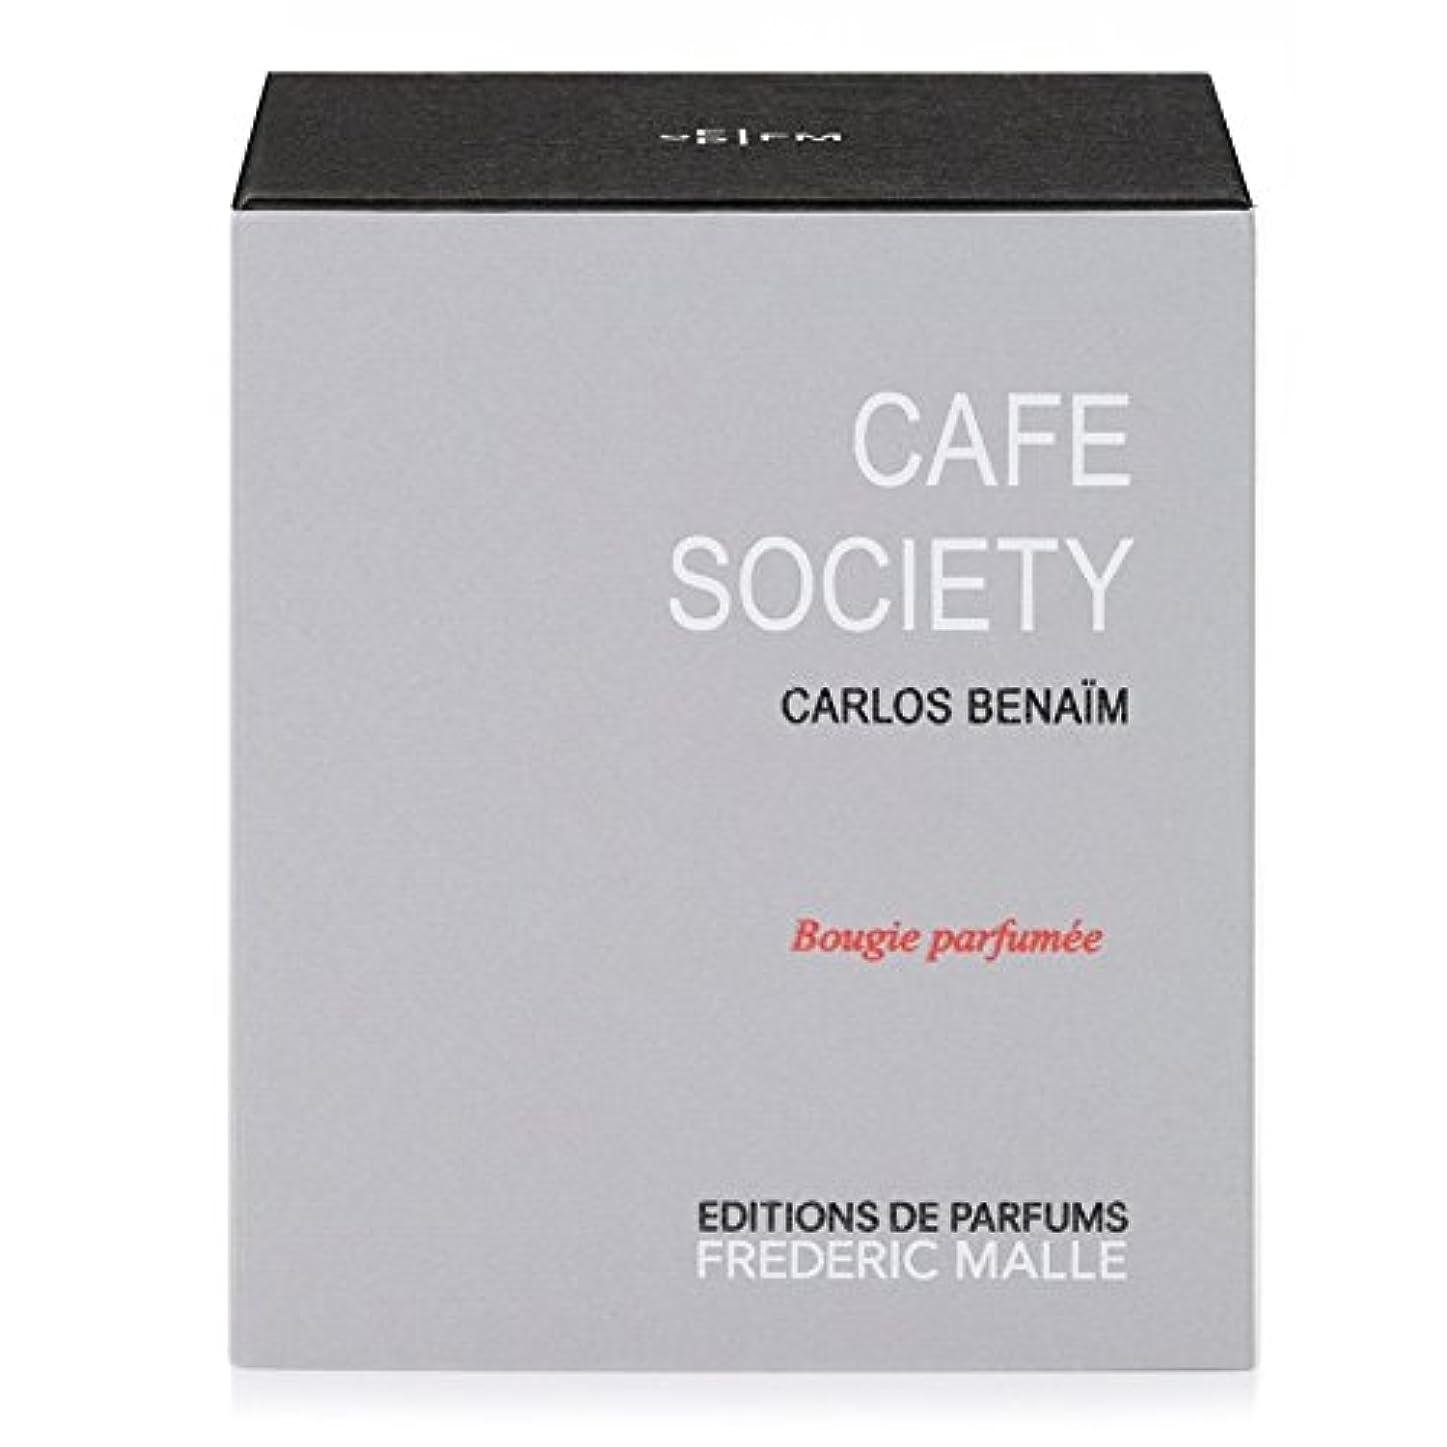 繊細後退する偶然のFrederic Malle Cafe Society Scented Candle 220g - フレデリック?マルカフェ社会の香りのキャンドル220グラム [並行輸入品]